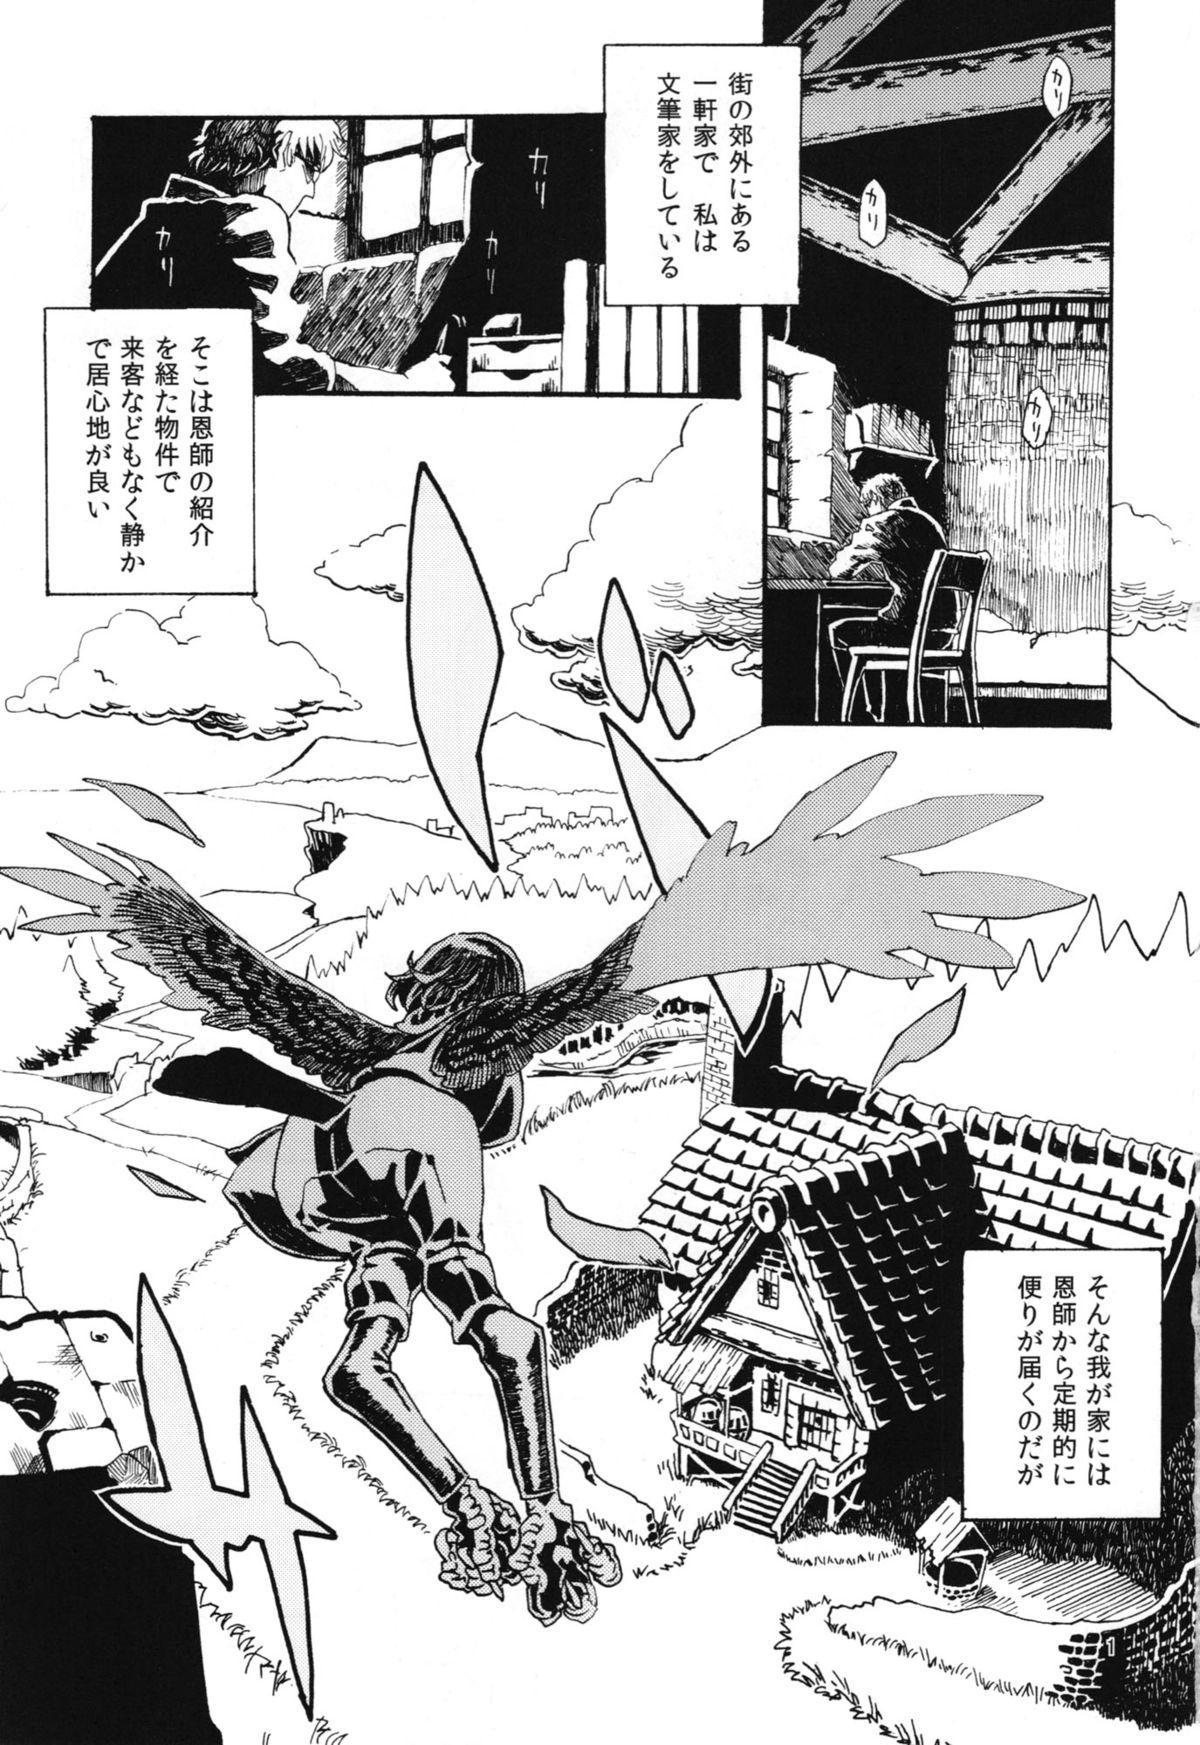 Jingai Shunman 6 2